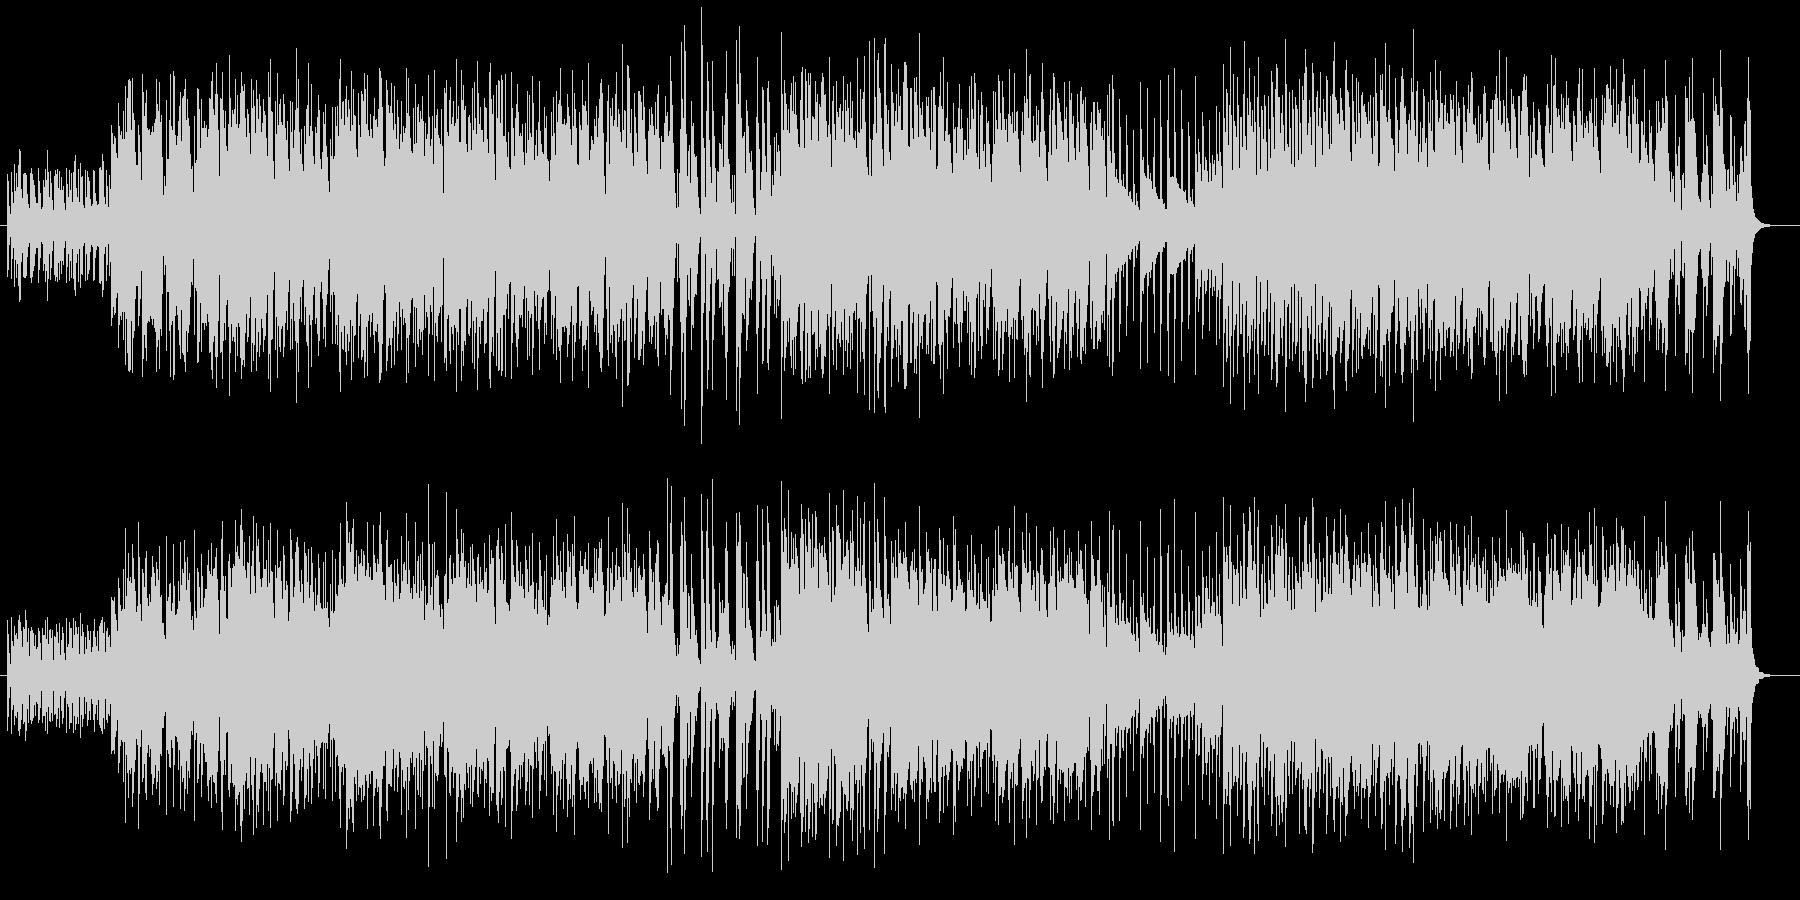 マラカスのリズムの音が効果的なポップ曲の未再生の波形